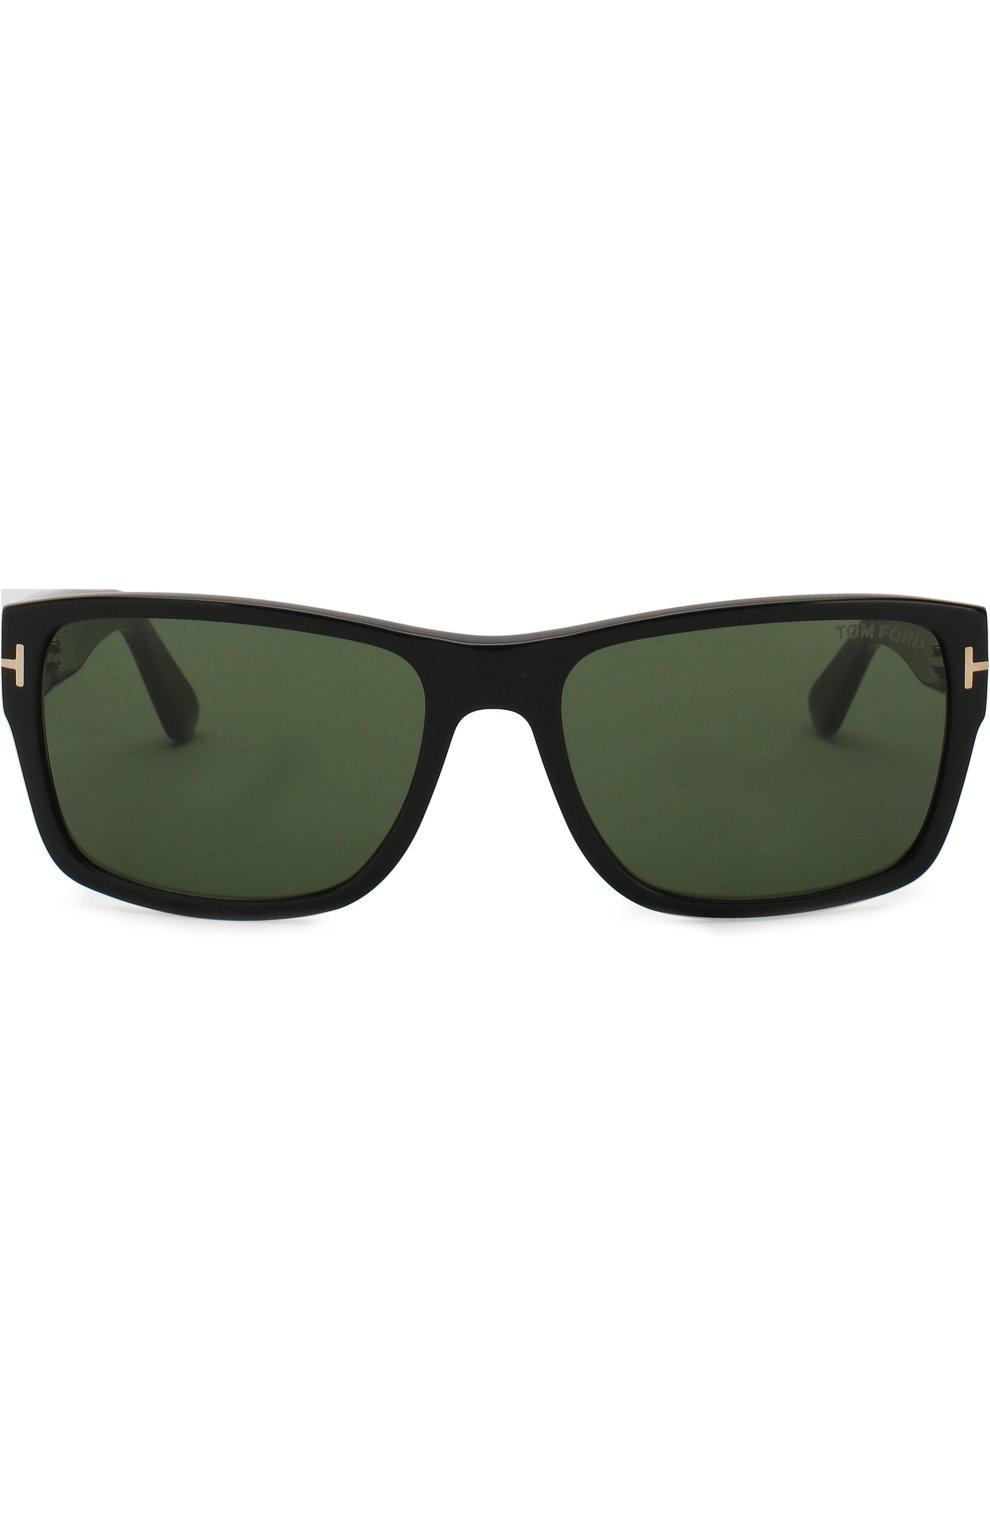 Мужские солнцезащитные очки TOM FORD черного цвета, арт. TF445 01N   Фото 2